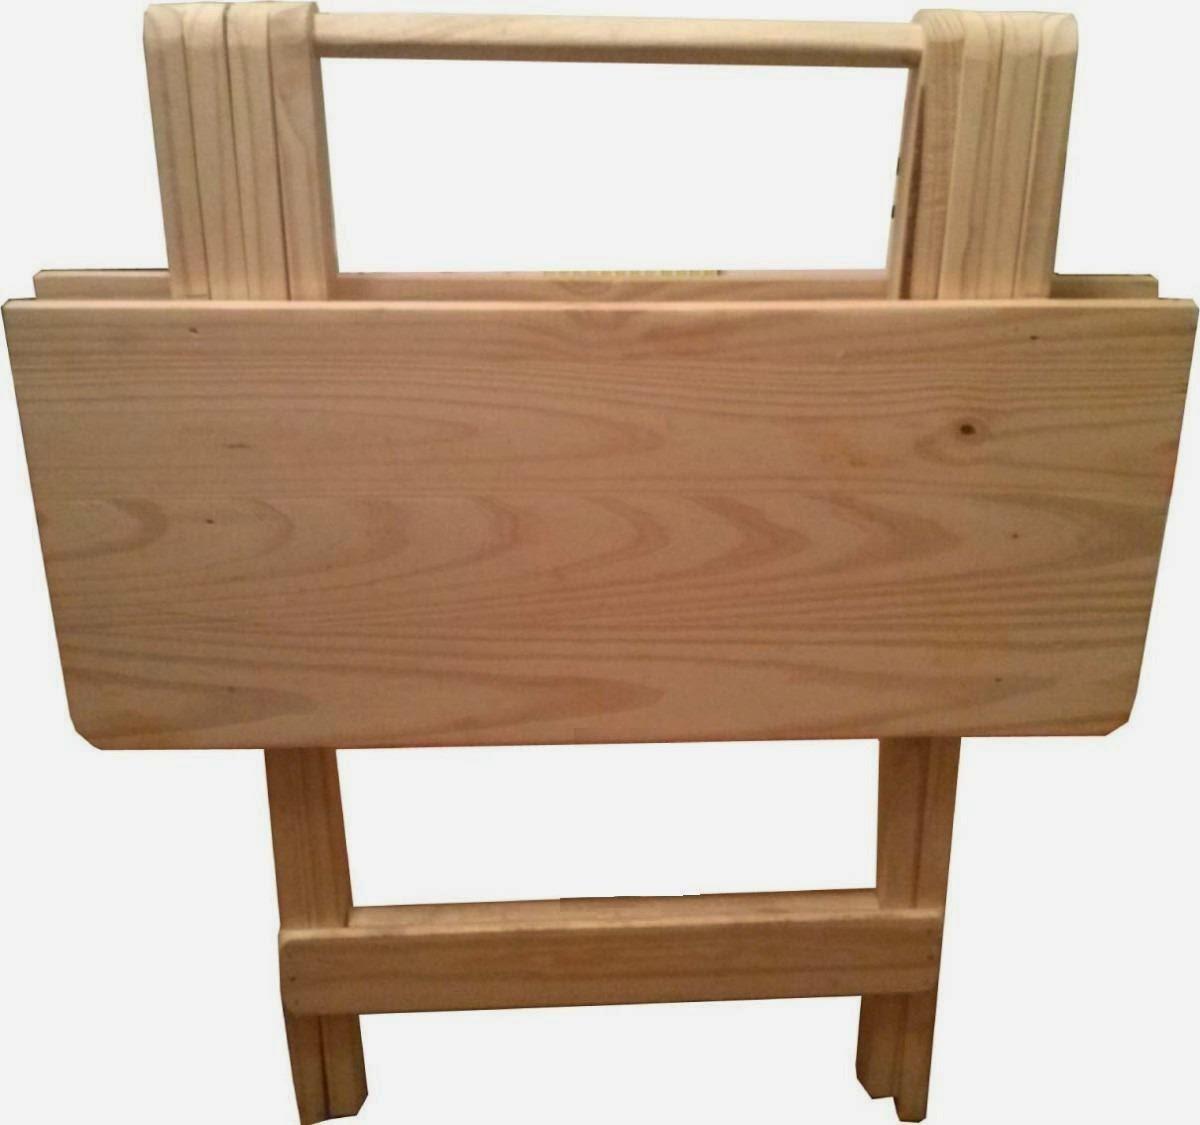 Carpinteria artesanal el madero mesa con sillas plegables for Diseno de mesa plegable